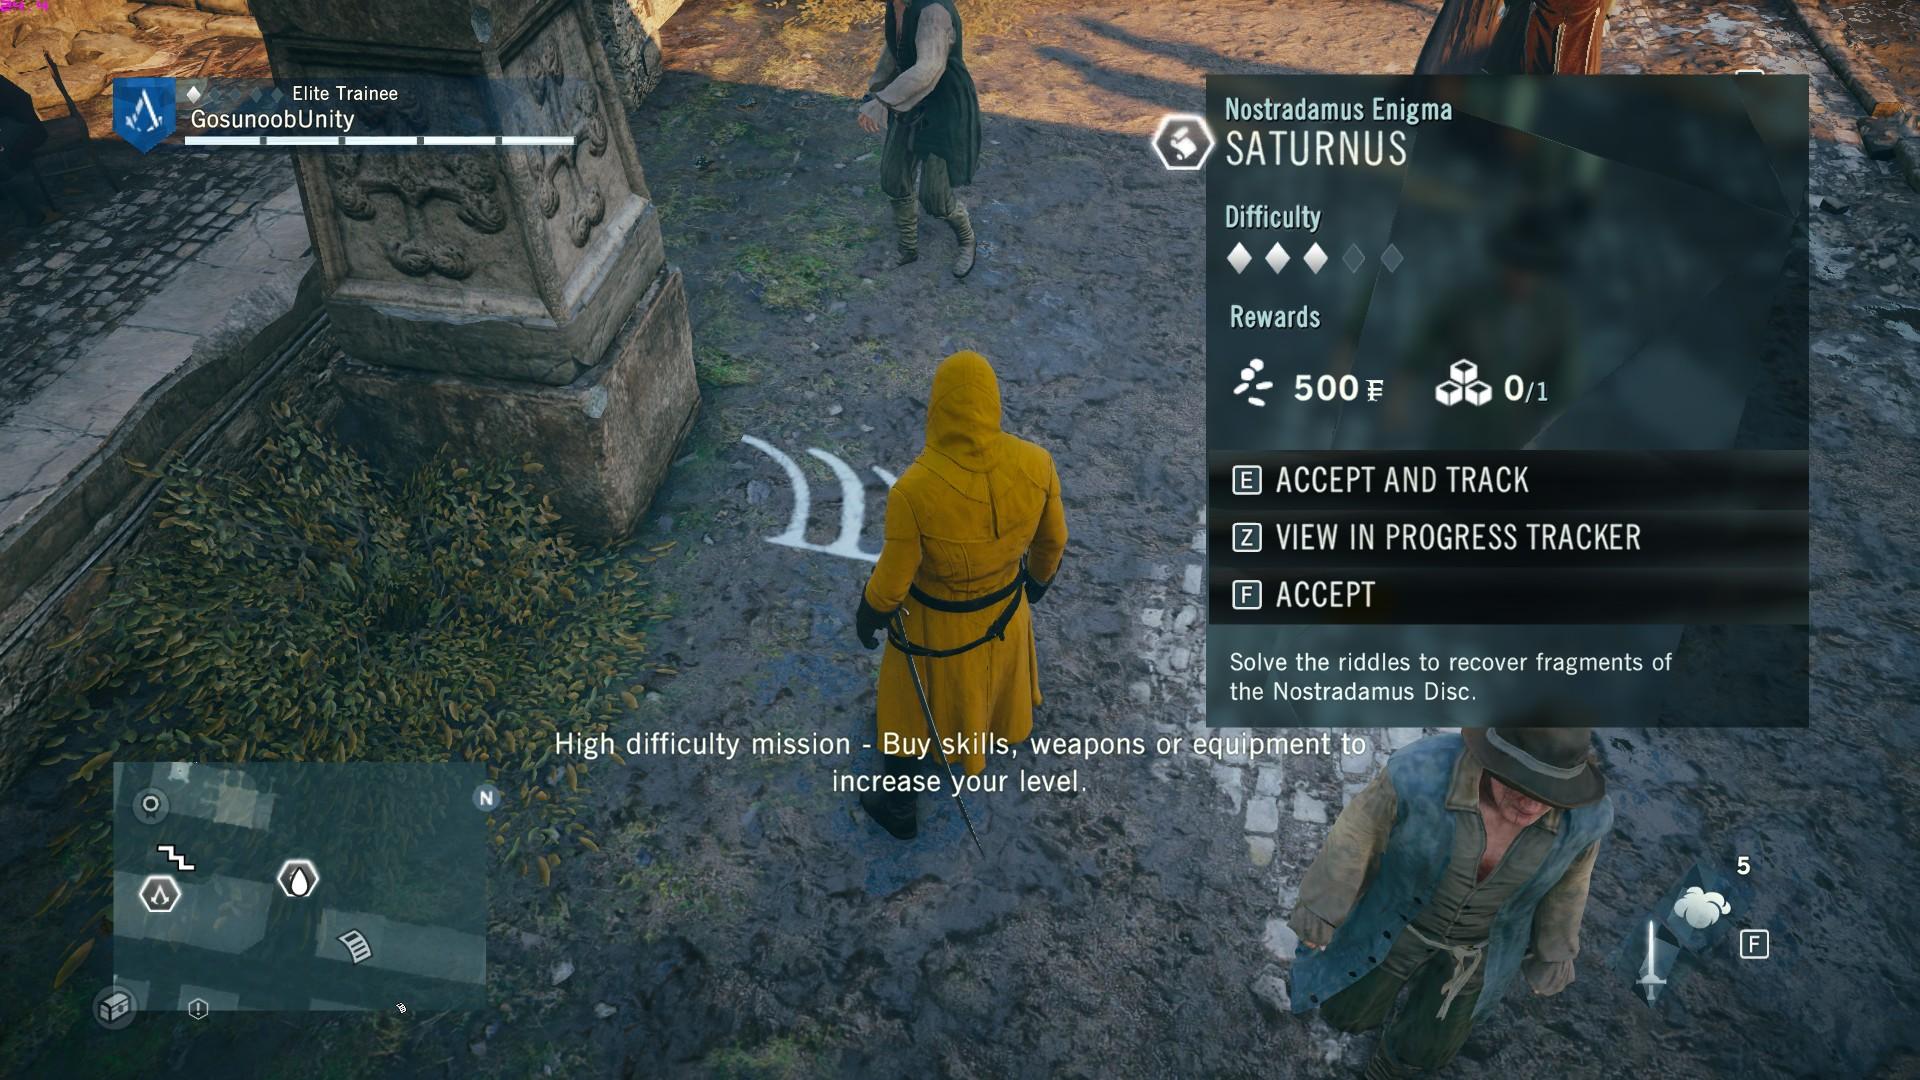 Assassin S Creed Unity Saturnus Nostradamus Enigma Guide